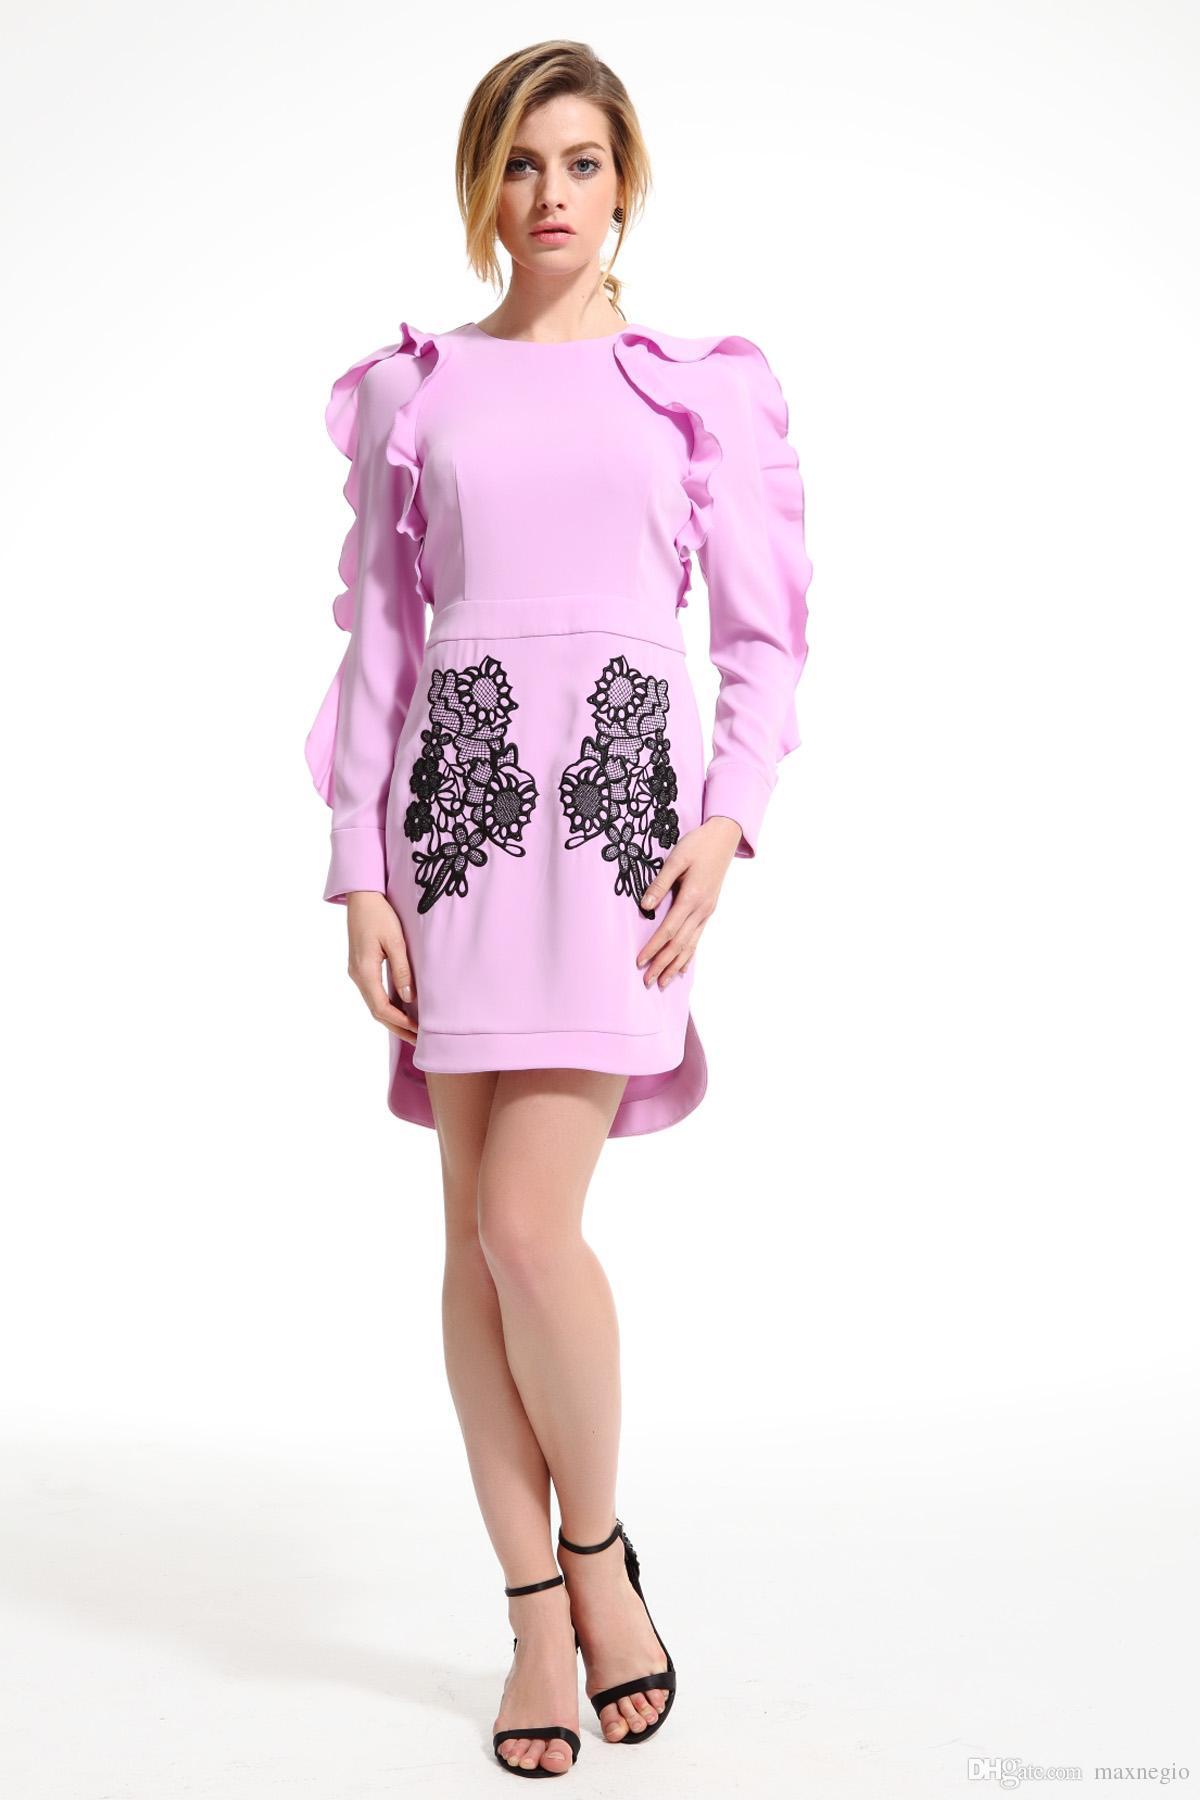 Compre Maxnegio Moda Marca Ropa De Las Mujeres Nombre De Vestidos De ...